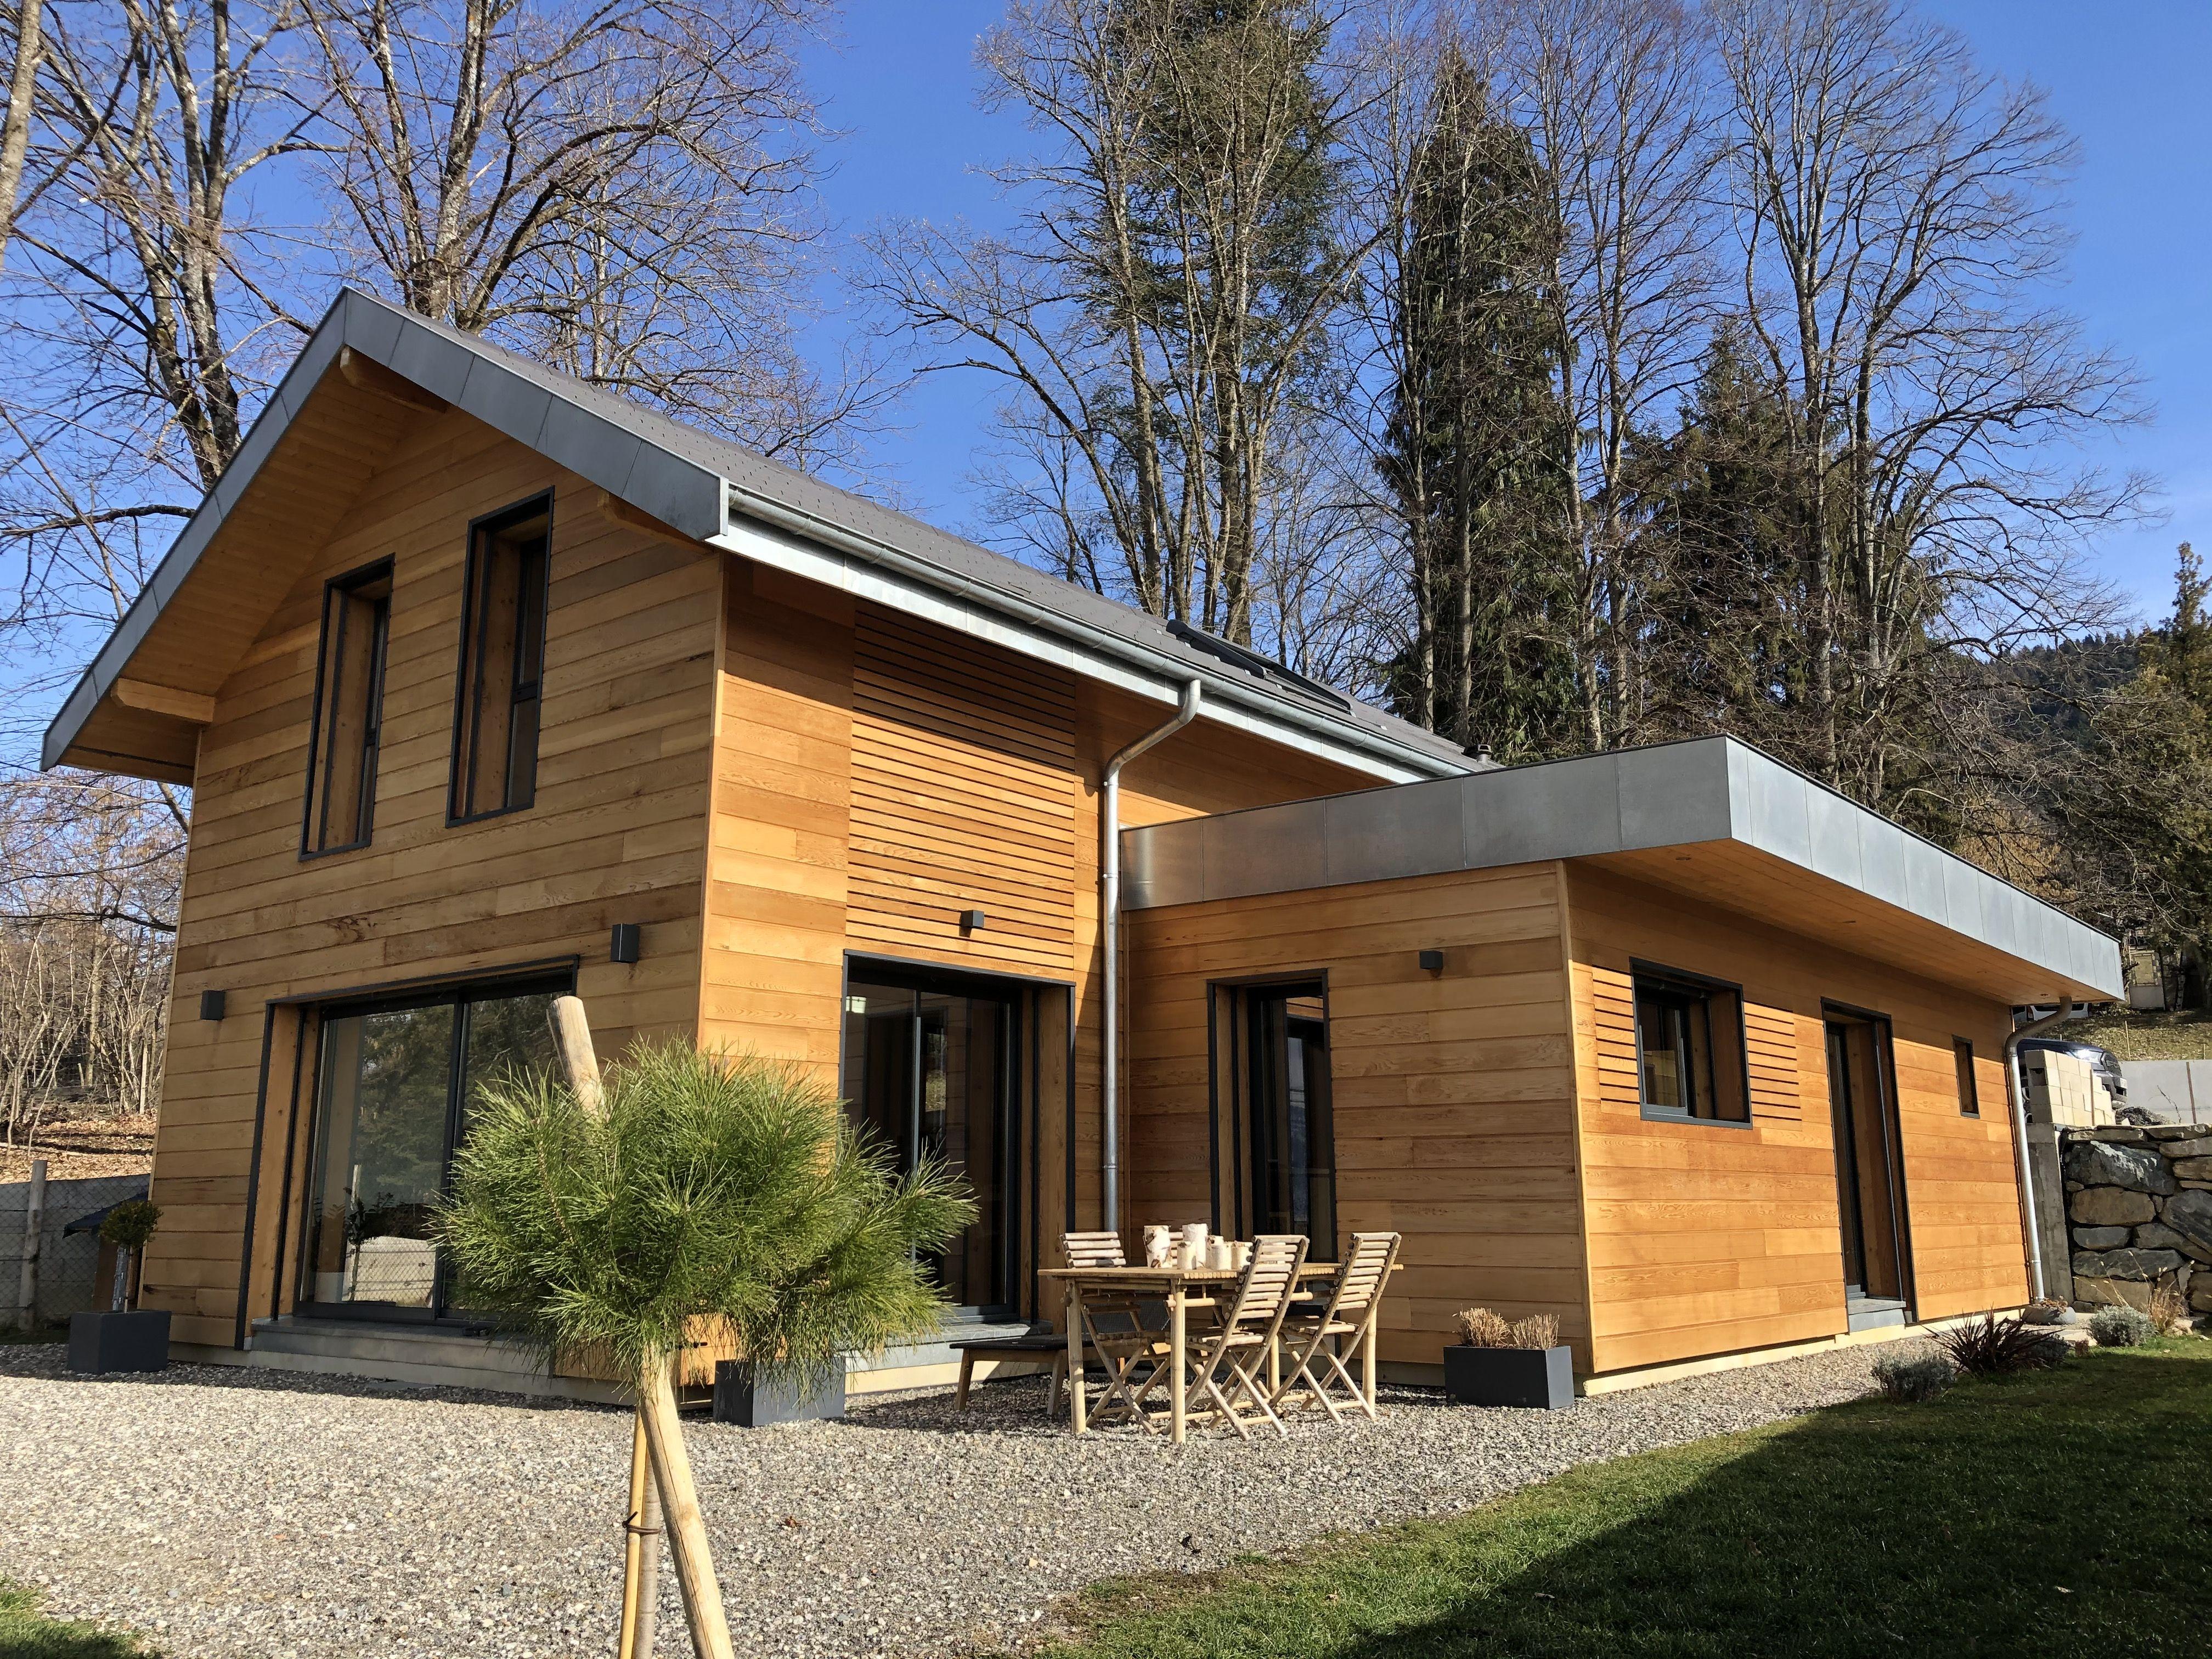 Maison Individuelle Saint Martin D Uriage En 2020 Maison Ossature Bois Plan Maison 100m2 Maison Bois